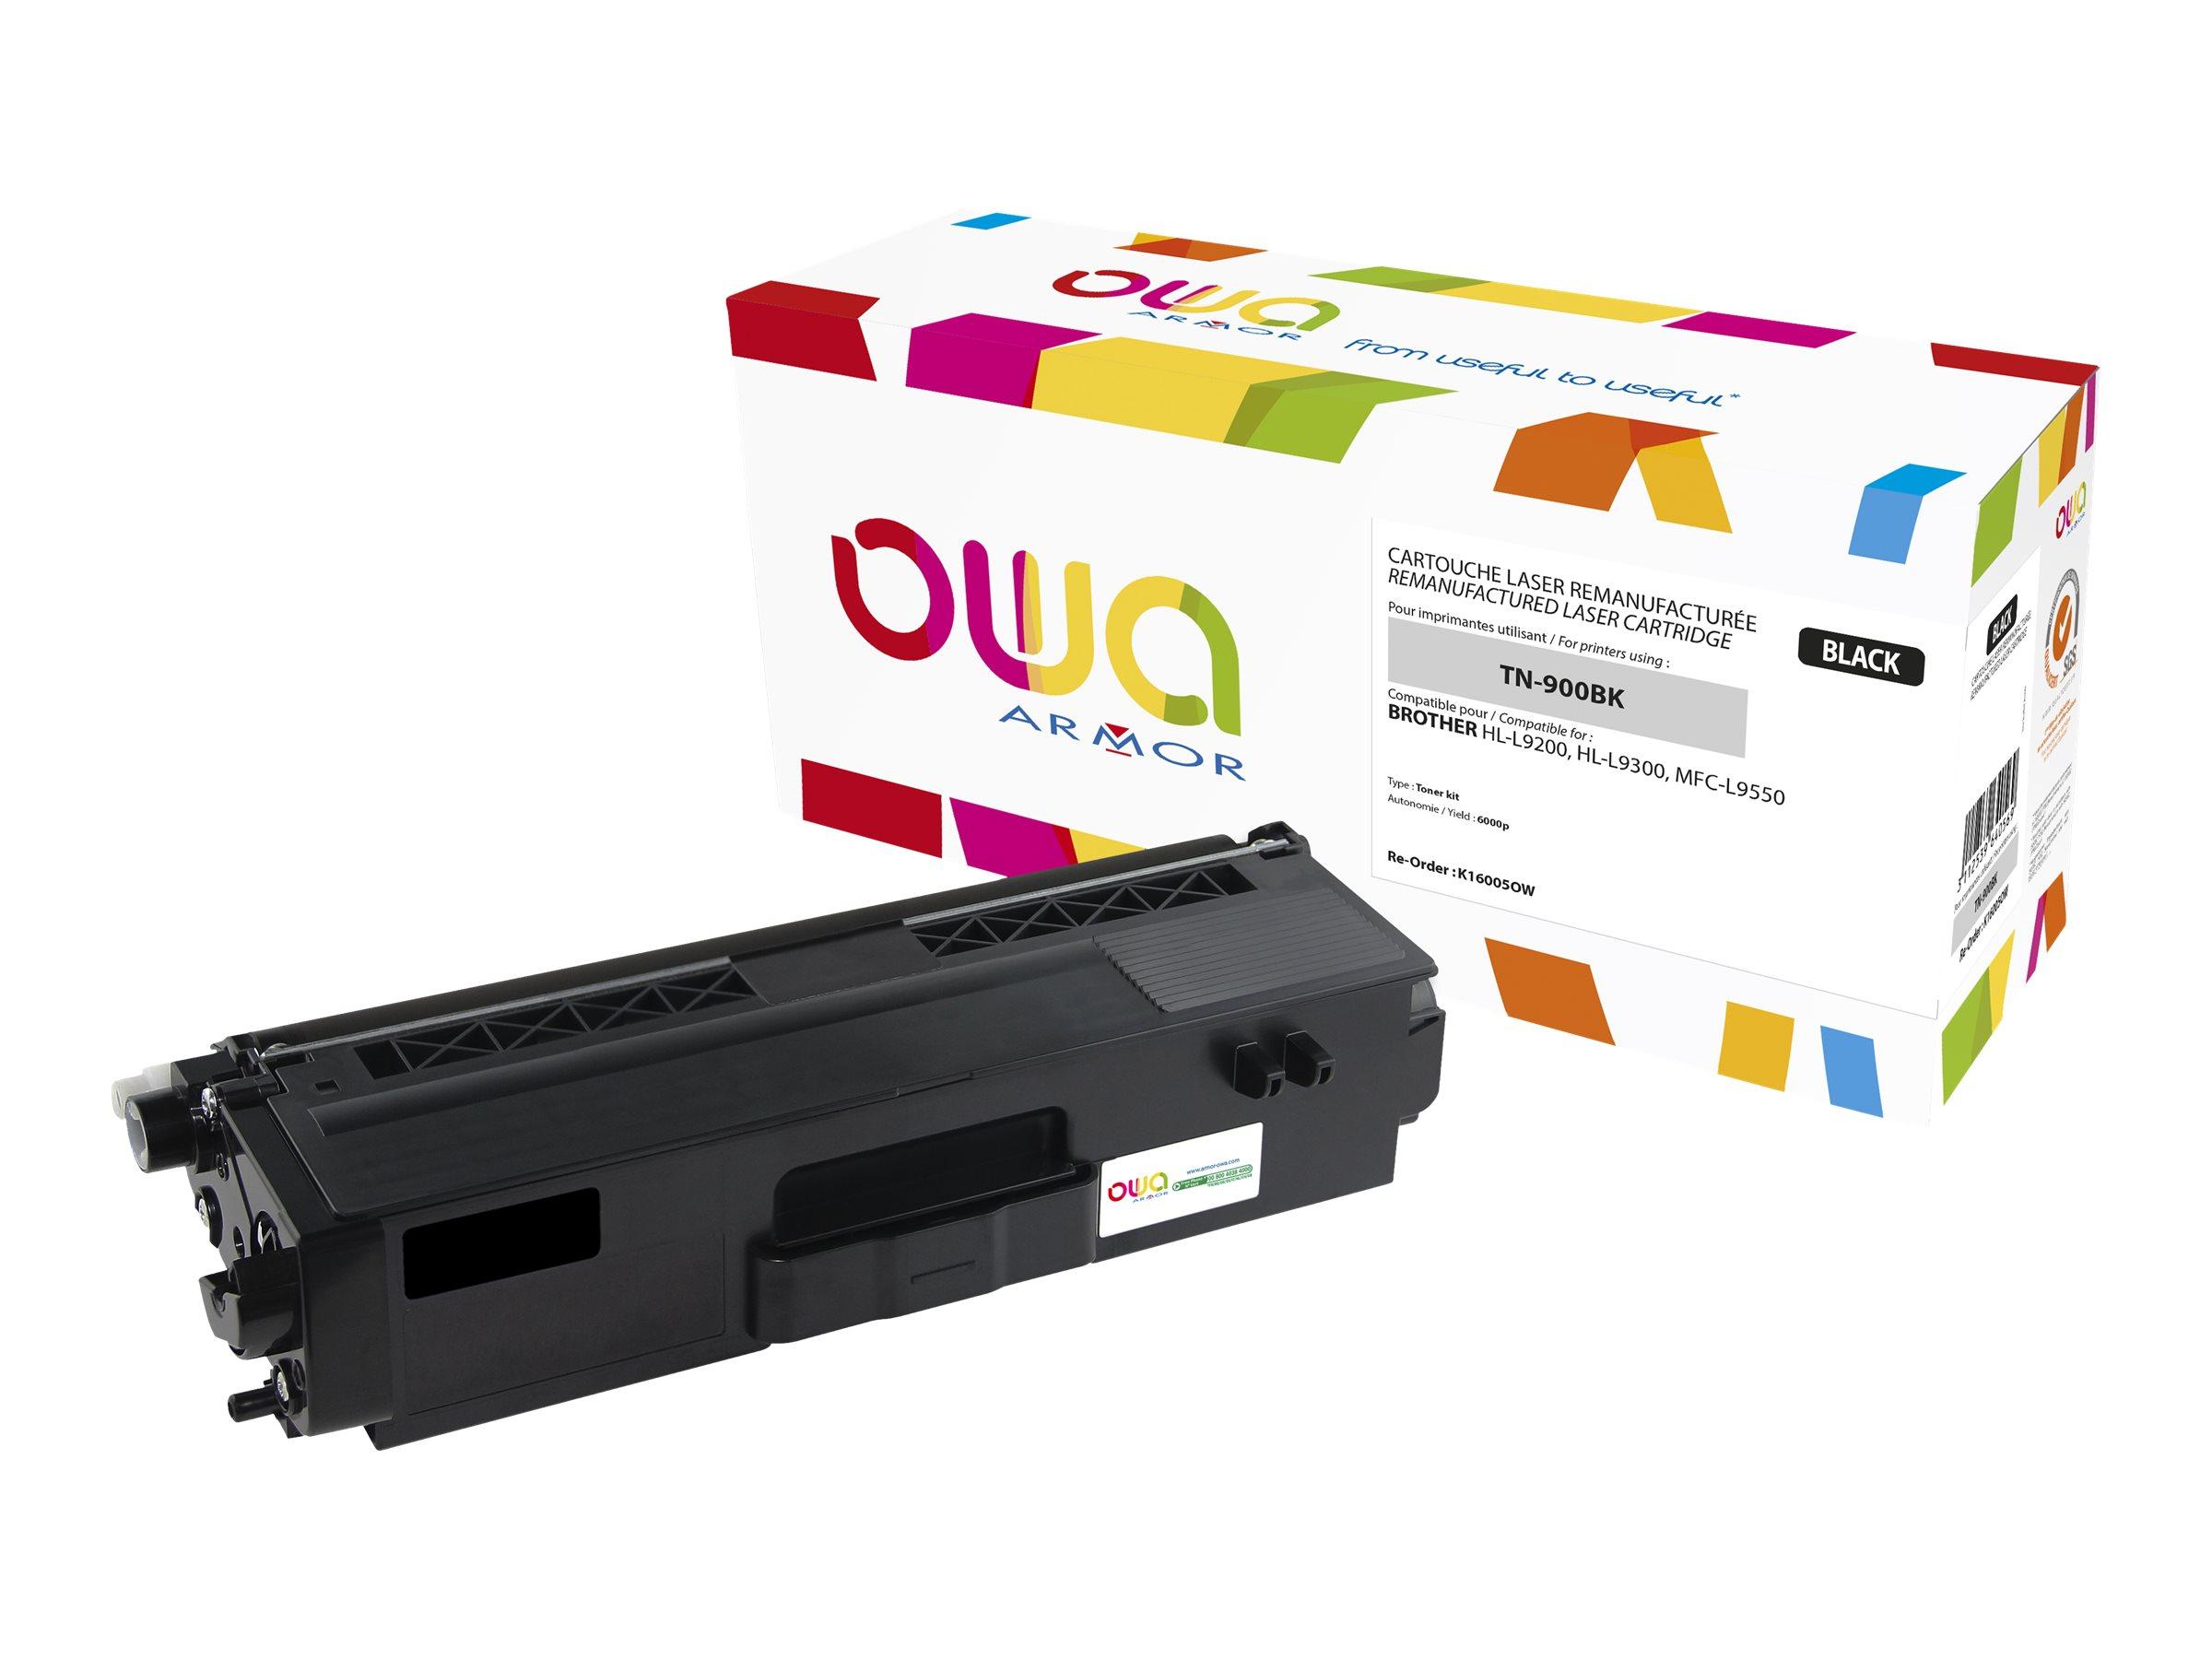 Brother TN900 - remanufacturé Owa K16005OW - noir - cartouche laser